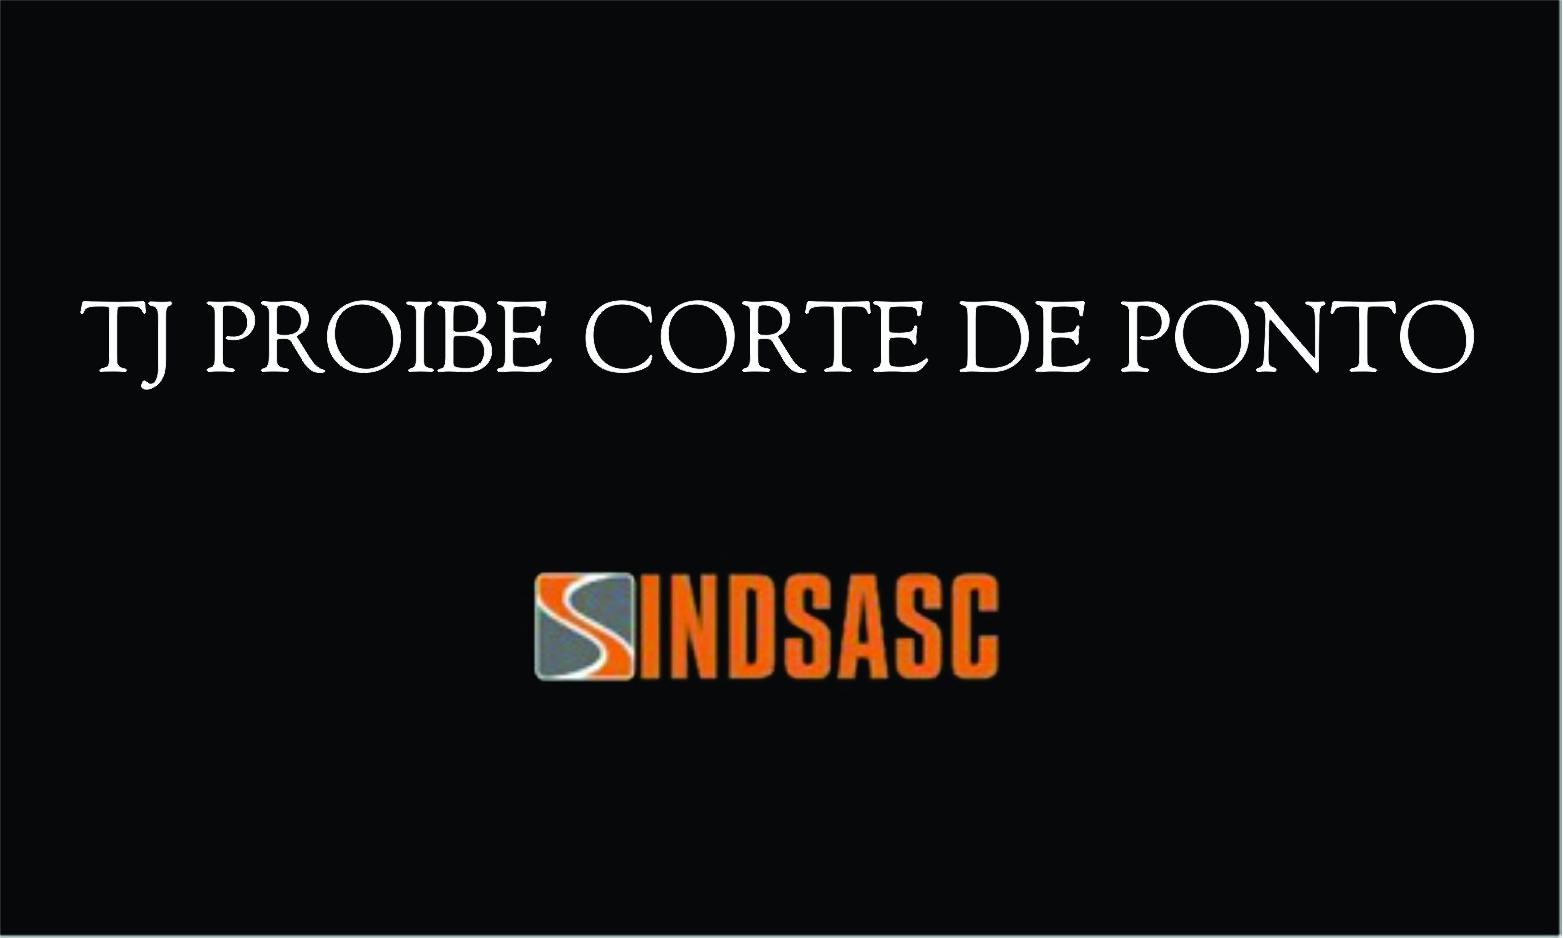 TJ PROIBE CORTE DE PONTO